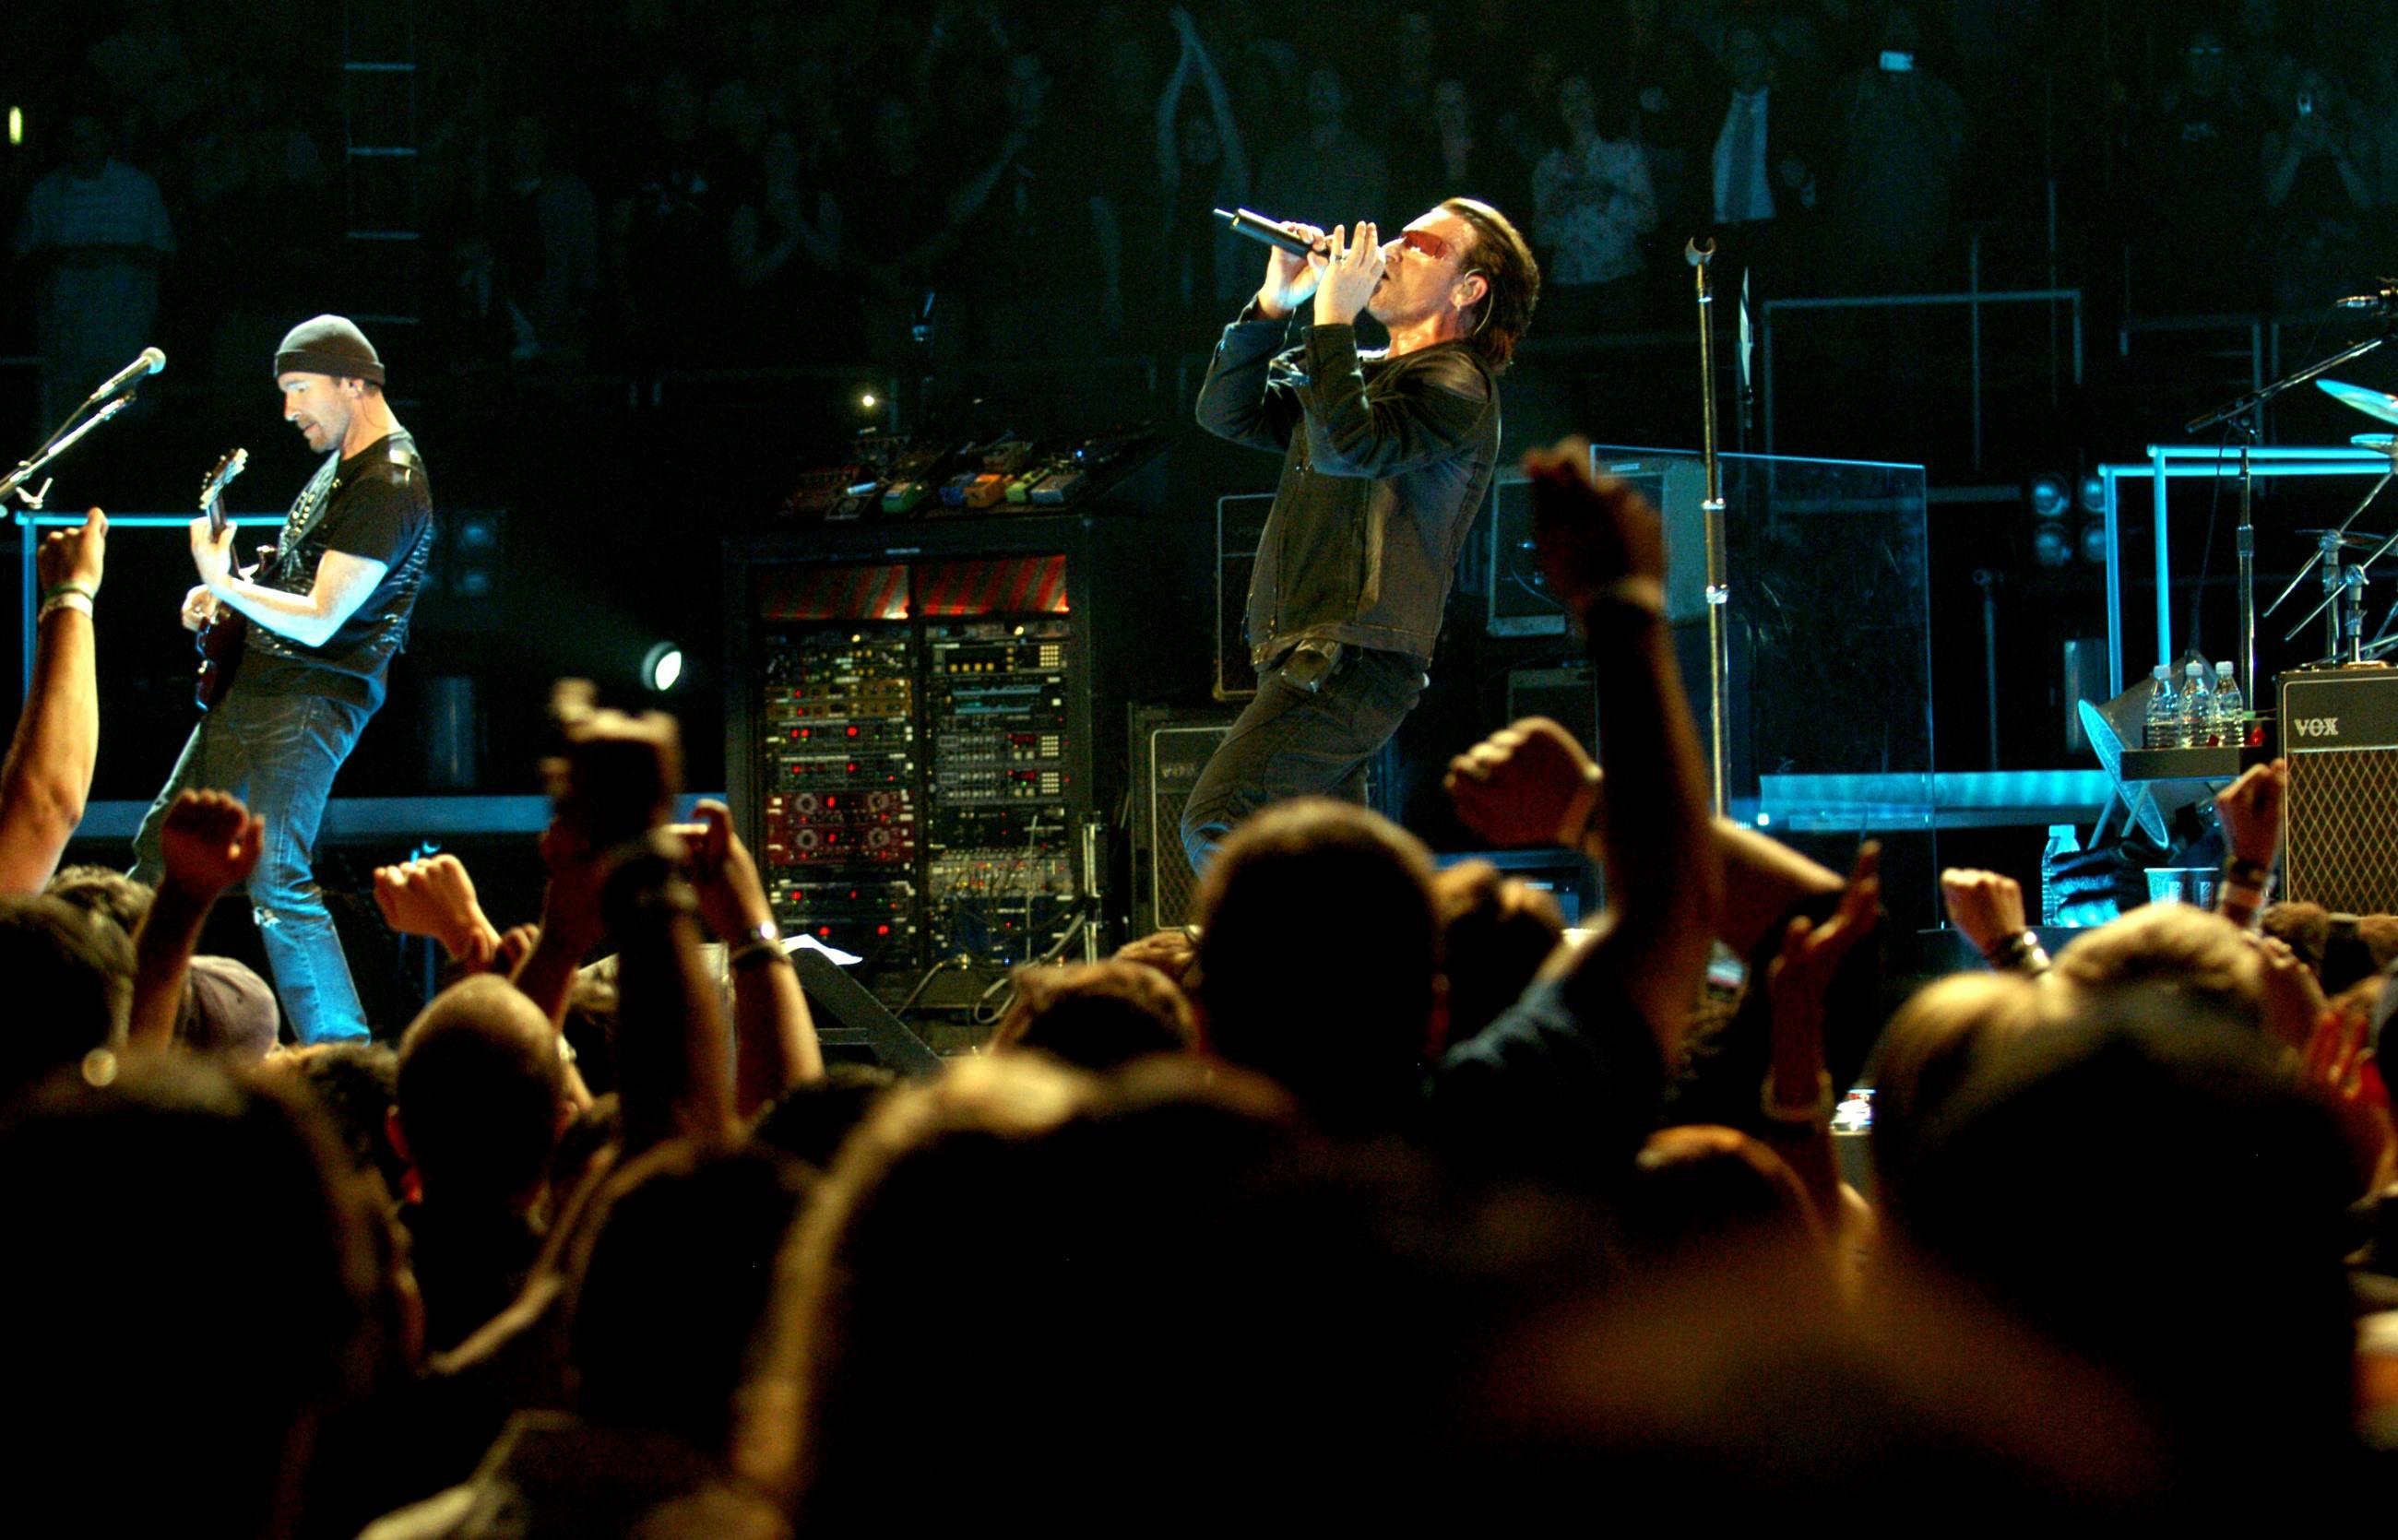 U2's The Edge and Bono performing at STAPLES Center on the Vertigo Tour